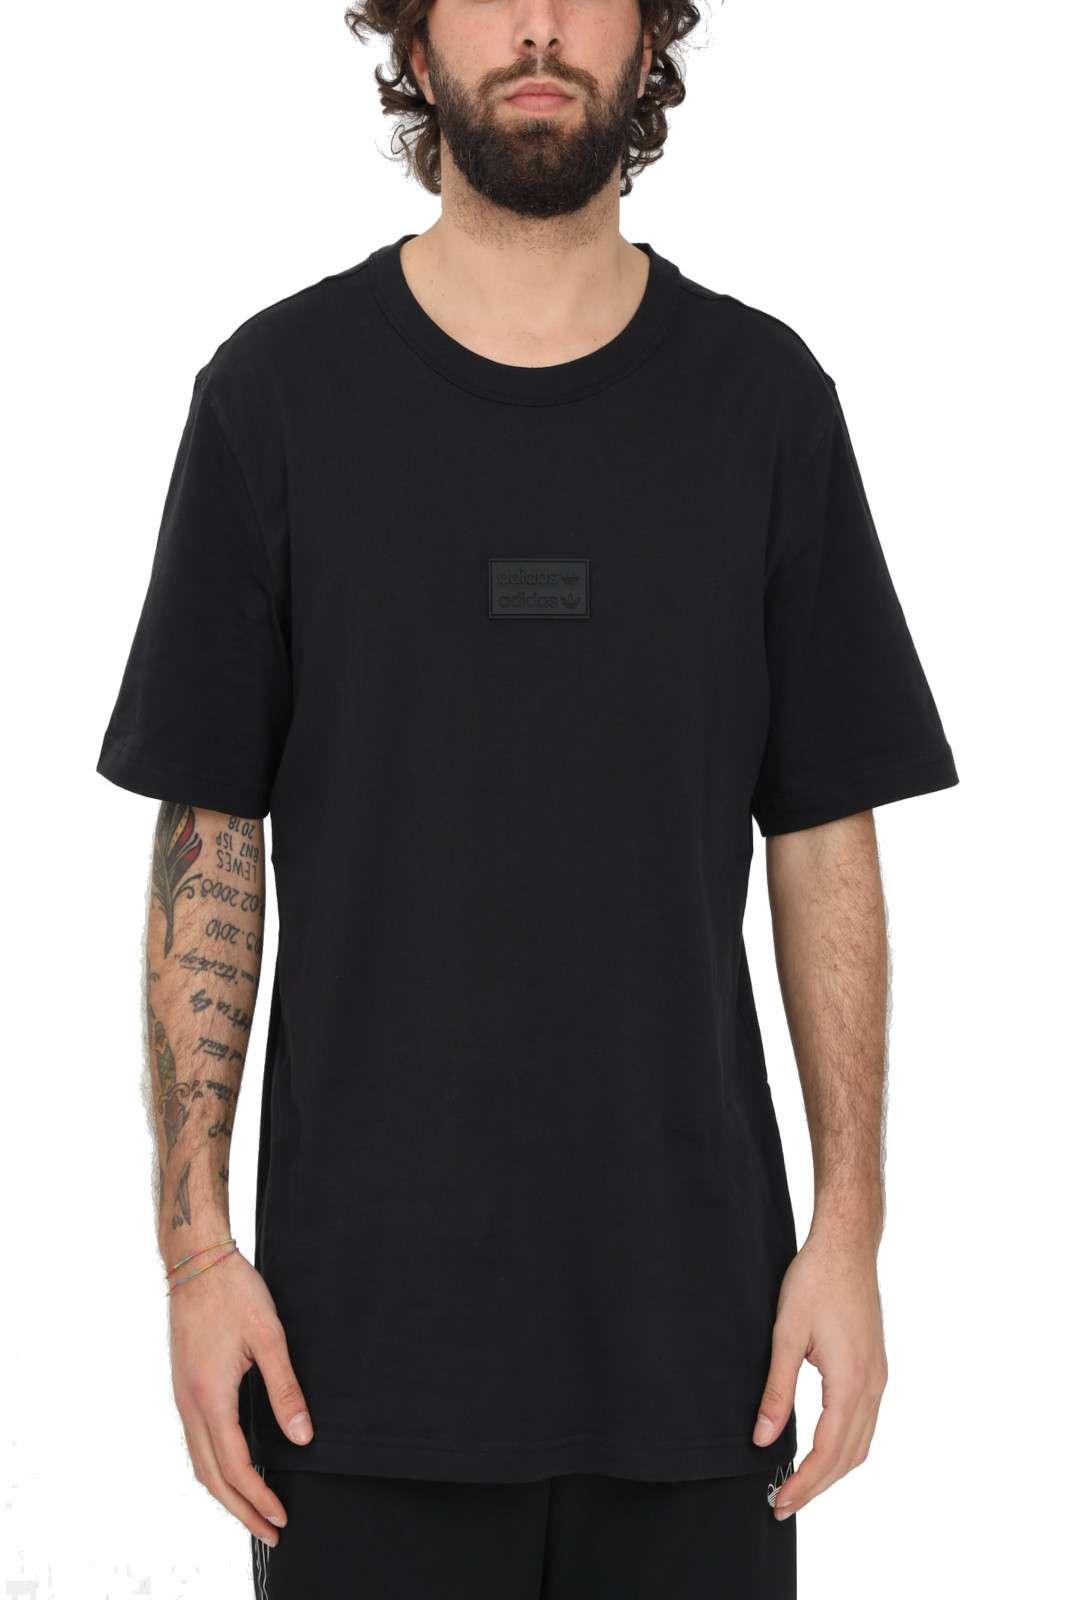 Una t shirt semplice ed essenziale firmata Adidas, perfetta per look quotidiani casual e iconici. Impreziosita da un badge gommato sul petto, renderà street ogni outfit. Perfetta da abbinare a sneakers e bermuda.